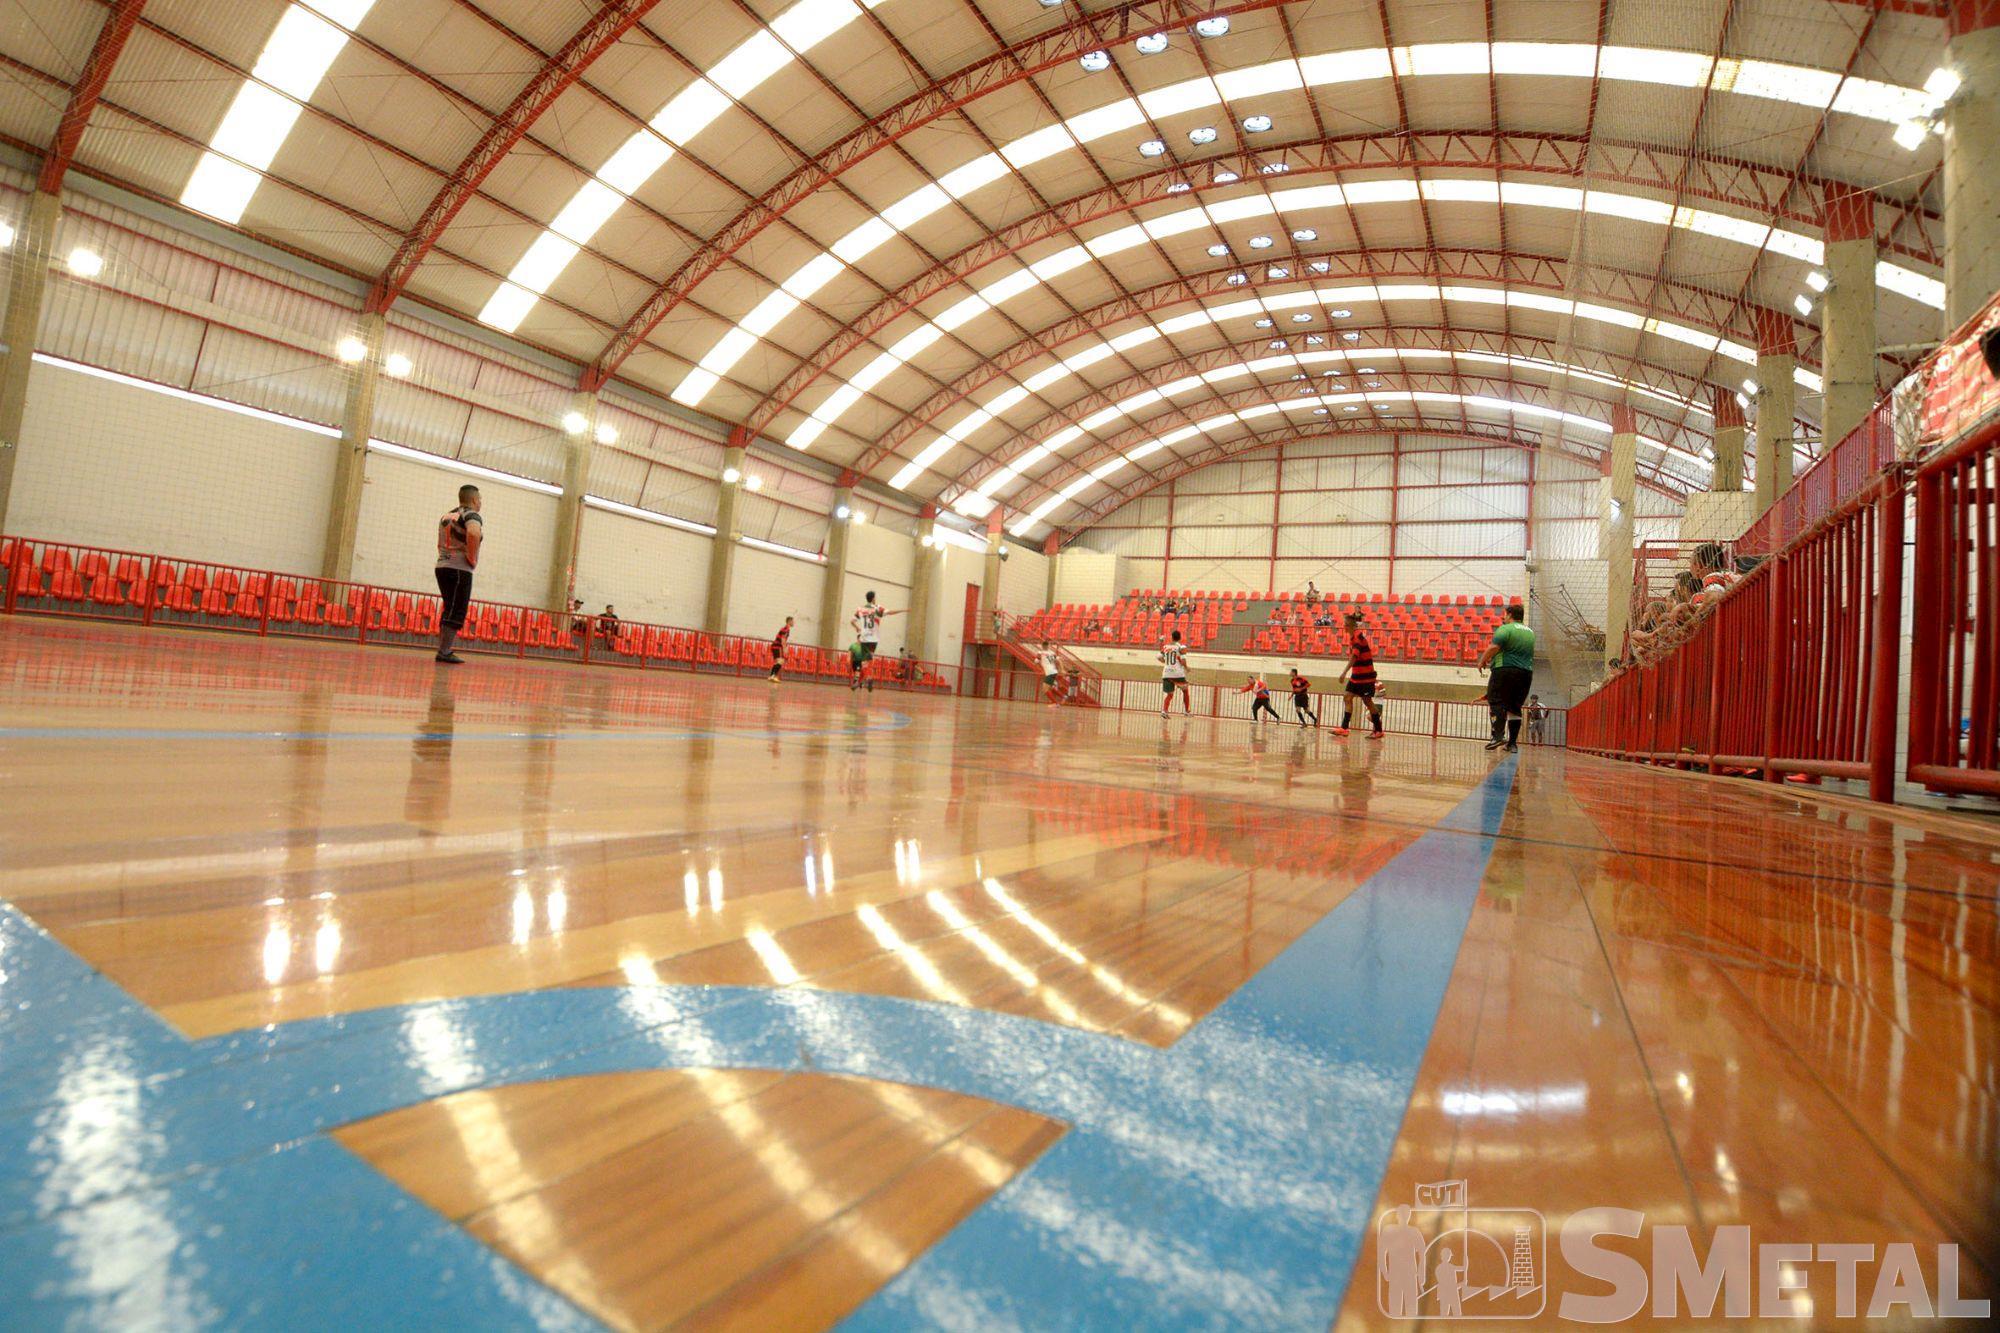 2ª rodada da 14ª Taça Papagaio de Futsal do SMetal, papagaio,  futsal,  smetal,  sindicato,  sorocaba,  taça,  torneio, Foguinho/Imprensa SMetal, Confira como foi a 2ª rodada da Taça Papagaio 2019